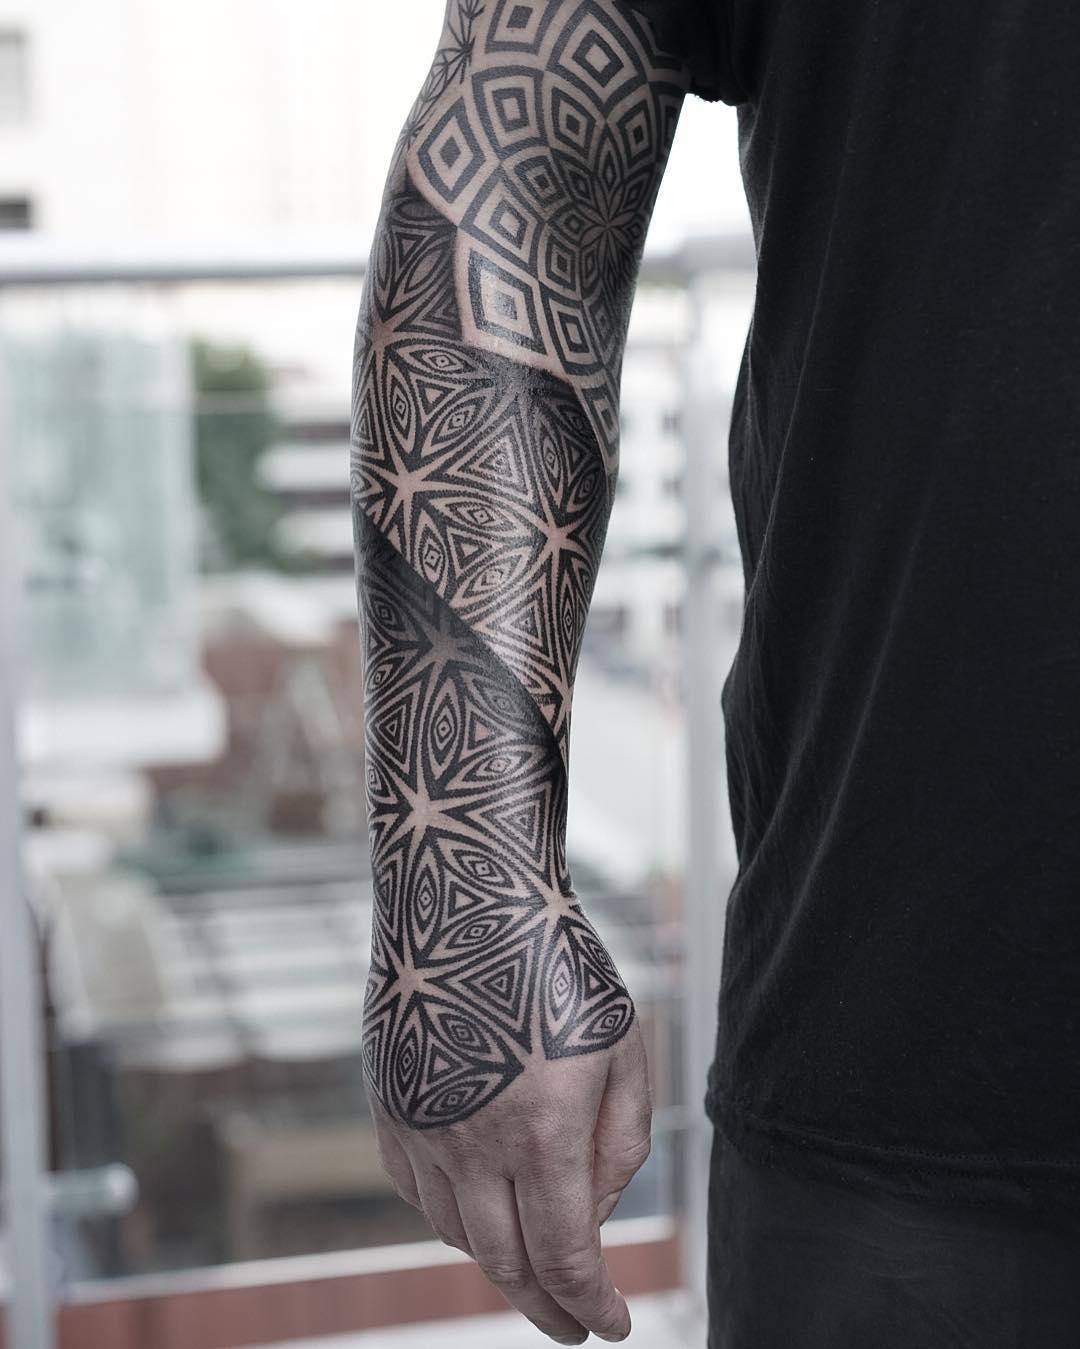 Un tatuaje geometrico en blanco y negro en el brazo de un hombre